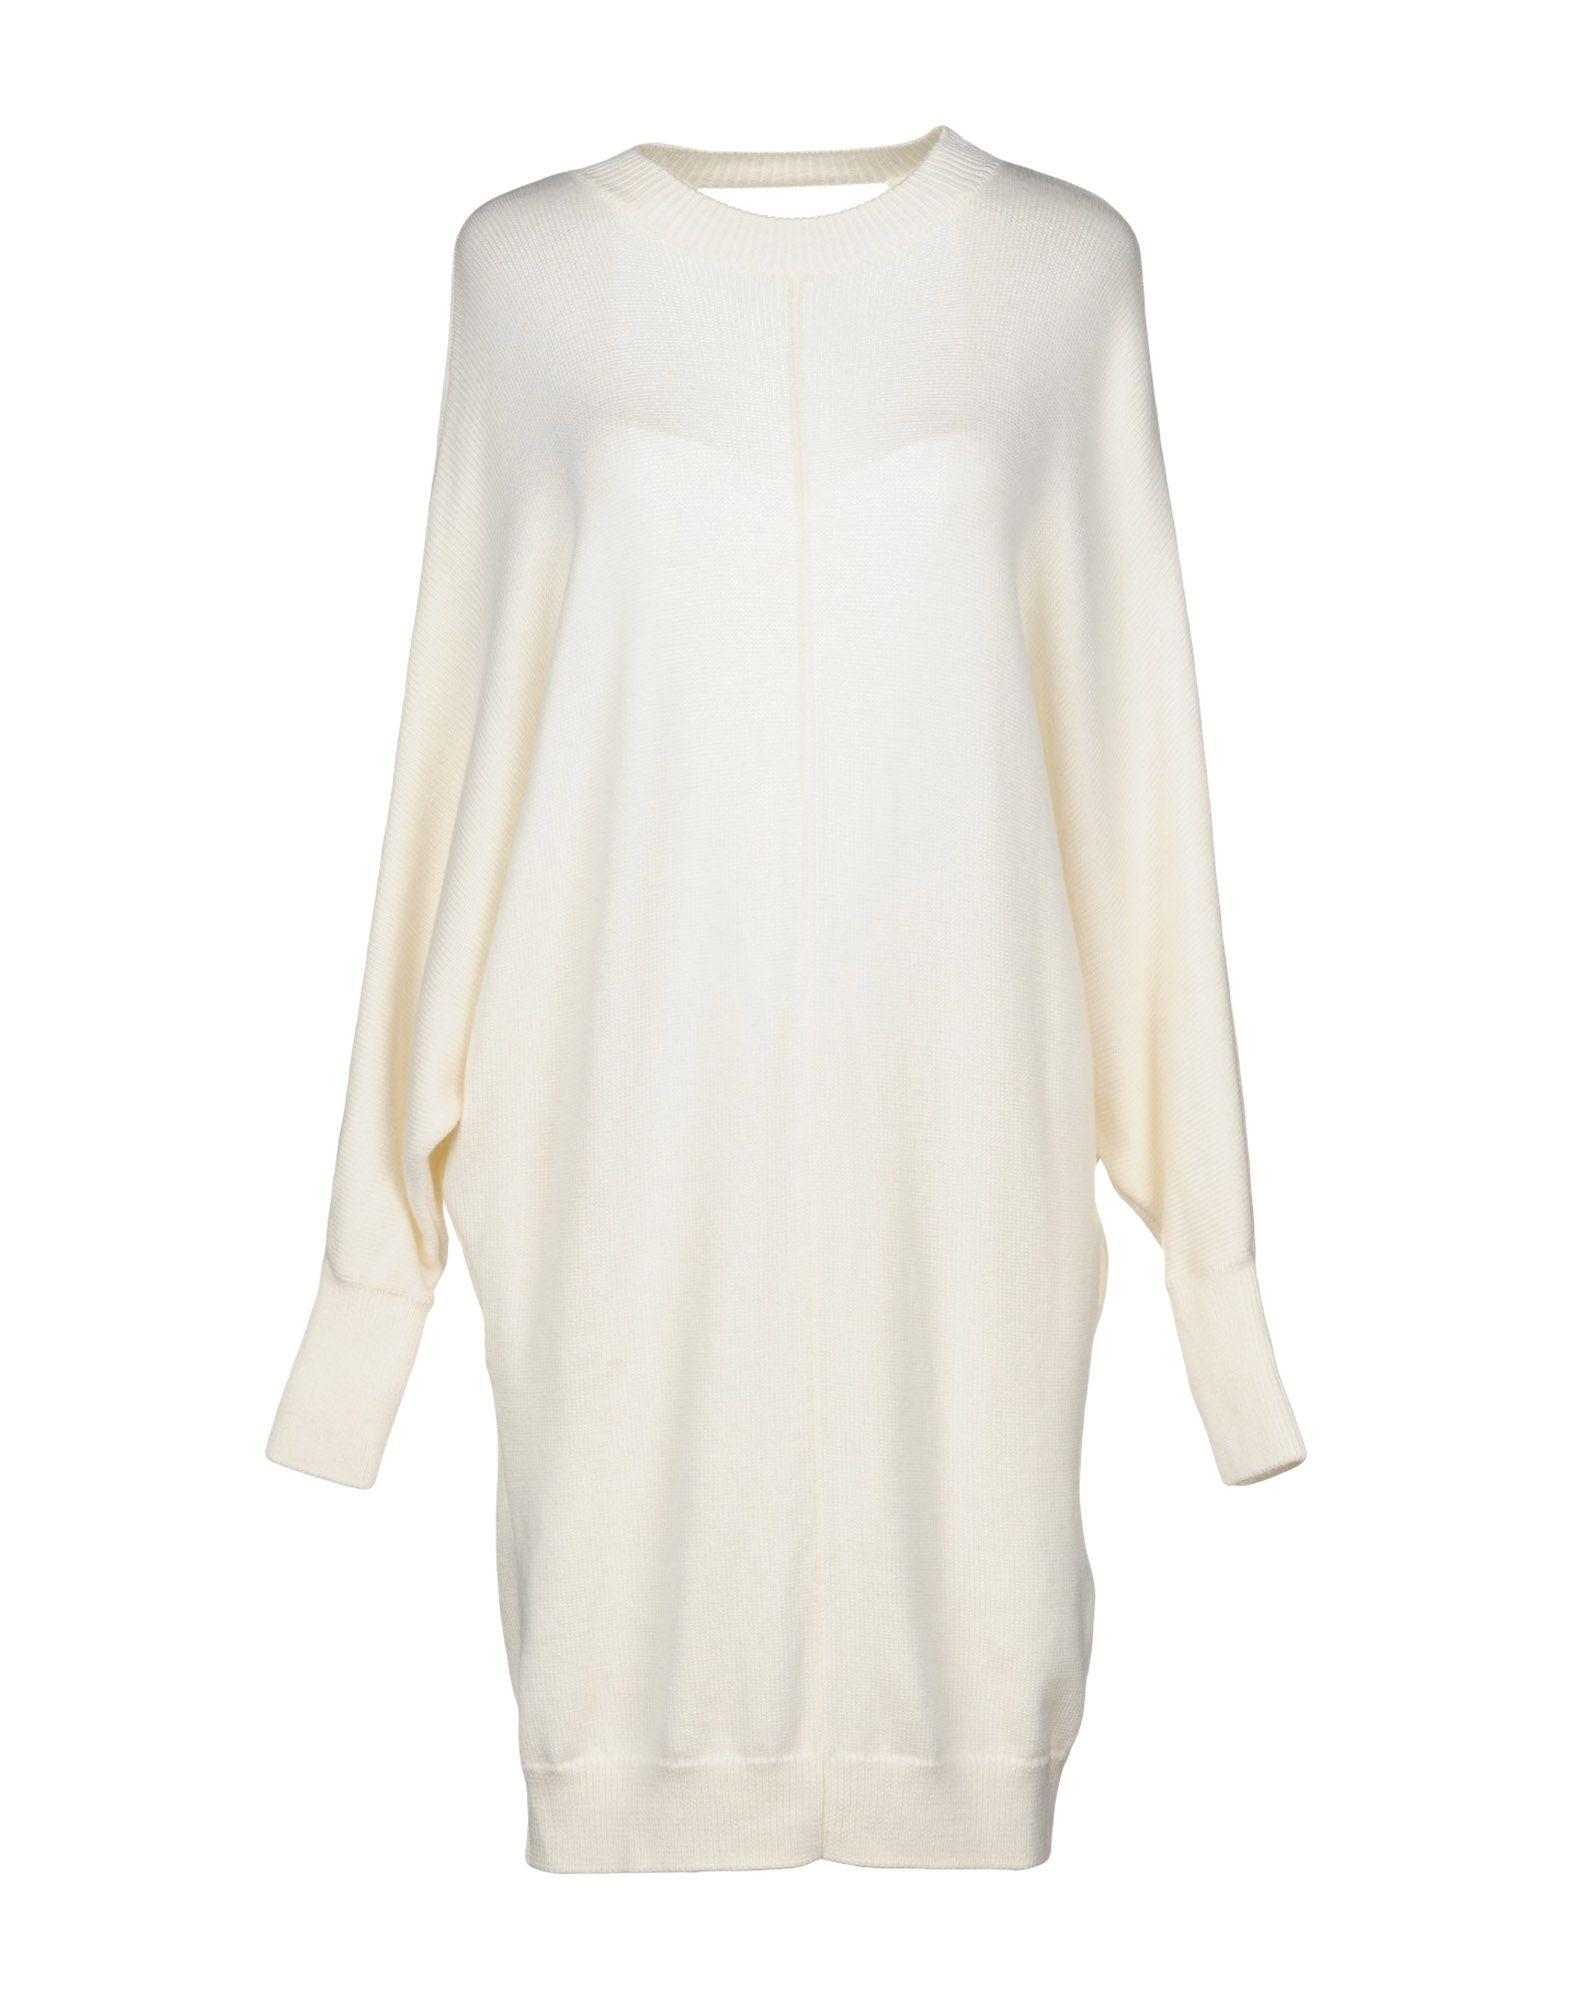 《送料無料》MAJE レディース ミニワンピース&ドレス アイボリー 1 ウール 100%